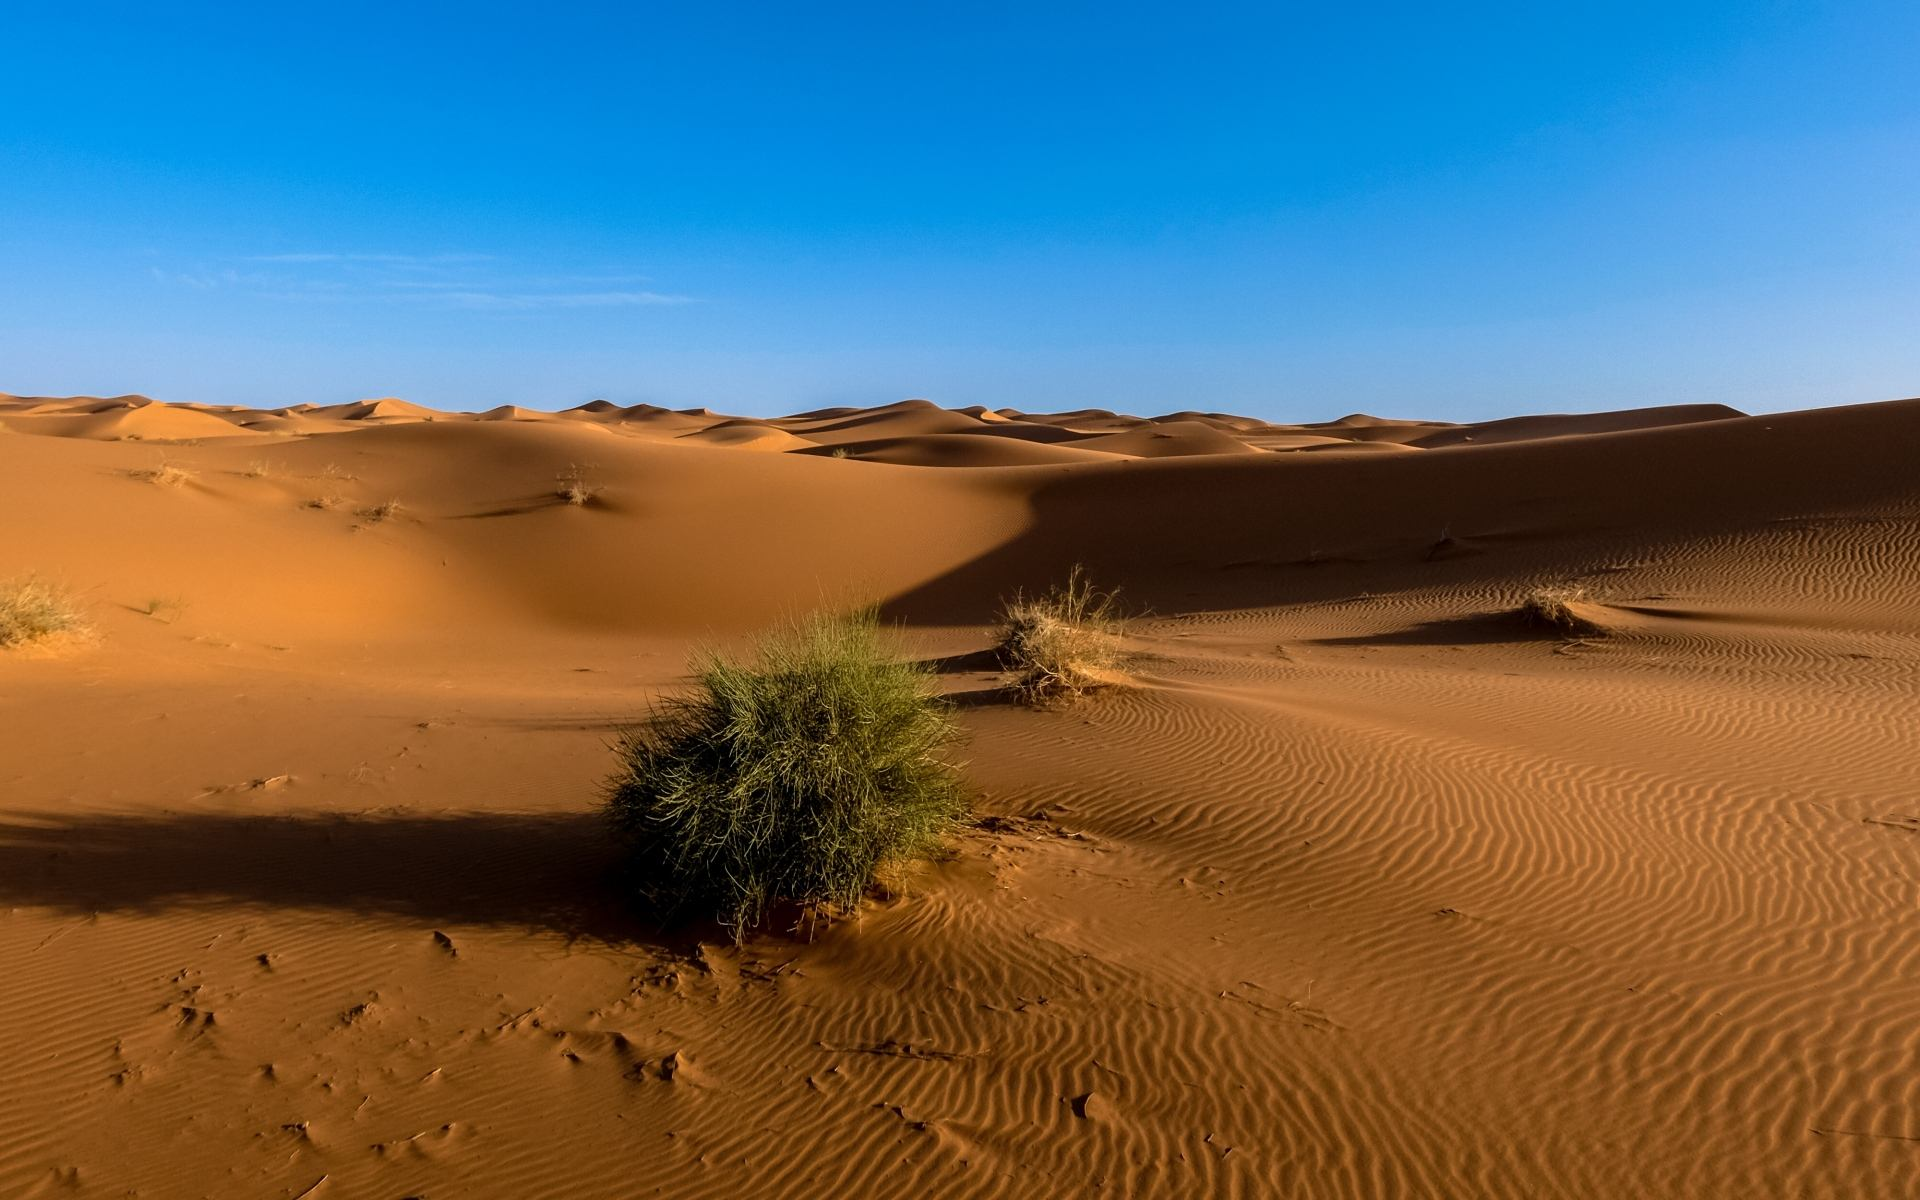 荒漠生态系统——荒漠生态系统的结构与功能